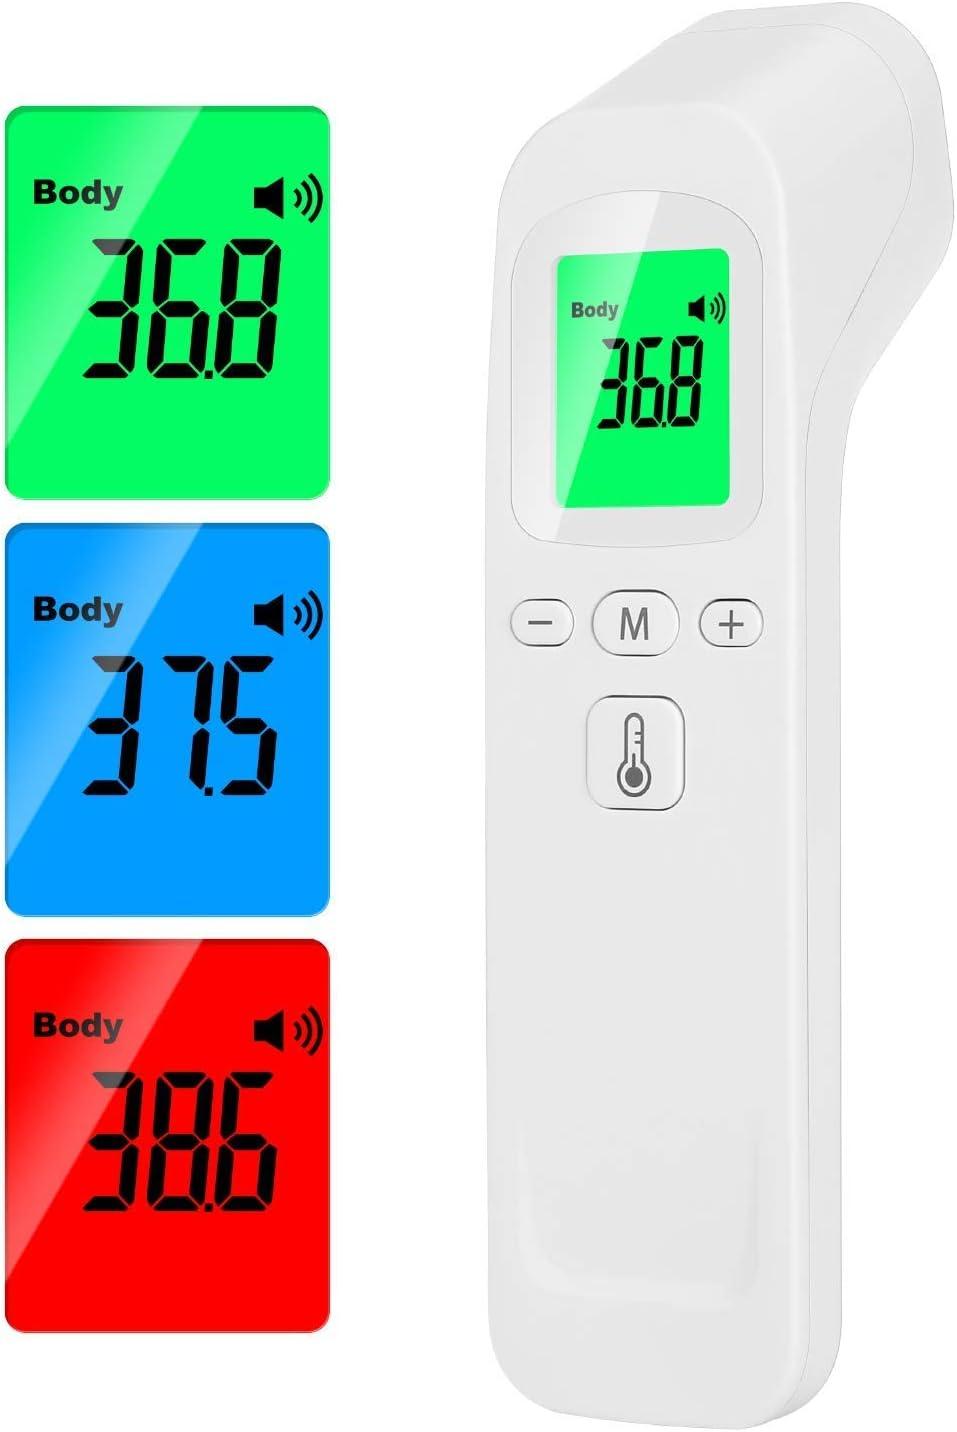 Cosmo led, Termometro Infrarrojos, Termometro Digital, Termometro Sin Contacto, Termometro Digital Frente, Termómetro infrarrojo, GARANTIA 2 AÑOS, Rapido y Preciso, Medicion Instantanea sin contacto